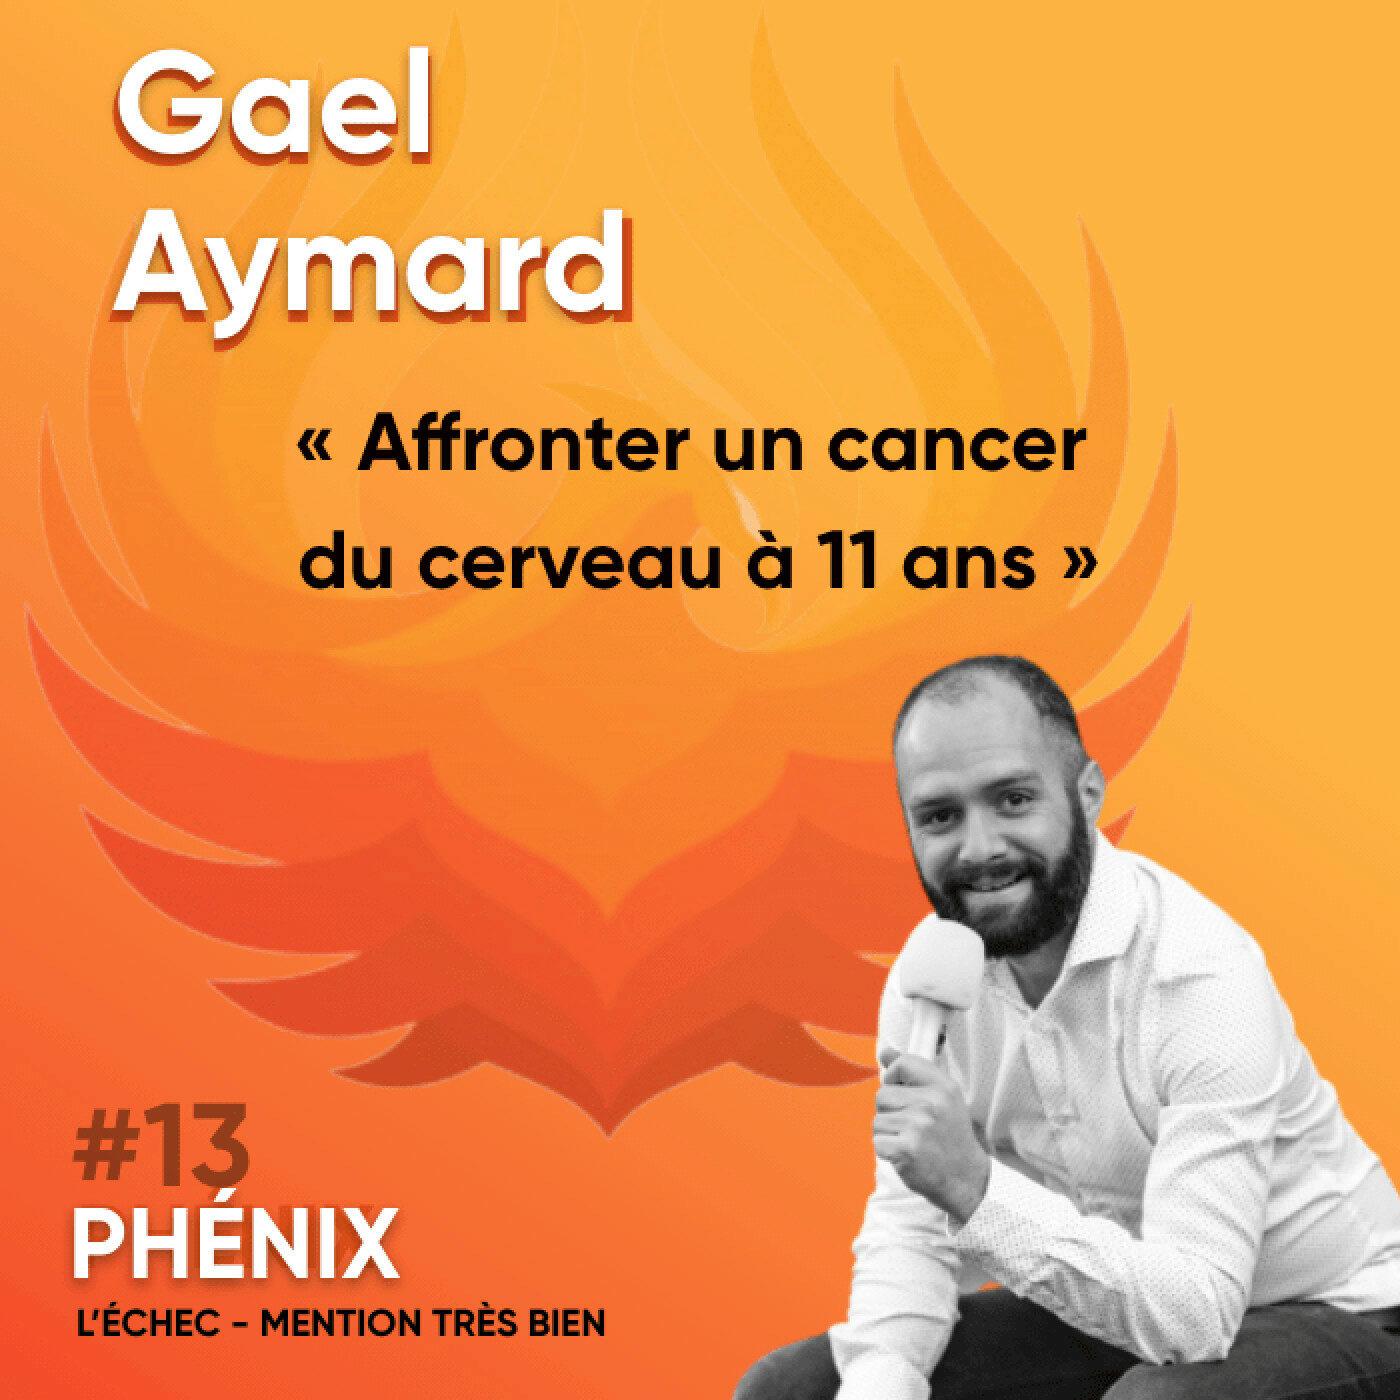 #13 🤴- Gael Aymard : Affronter un cancer du cerveau à 11 ans